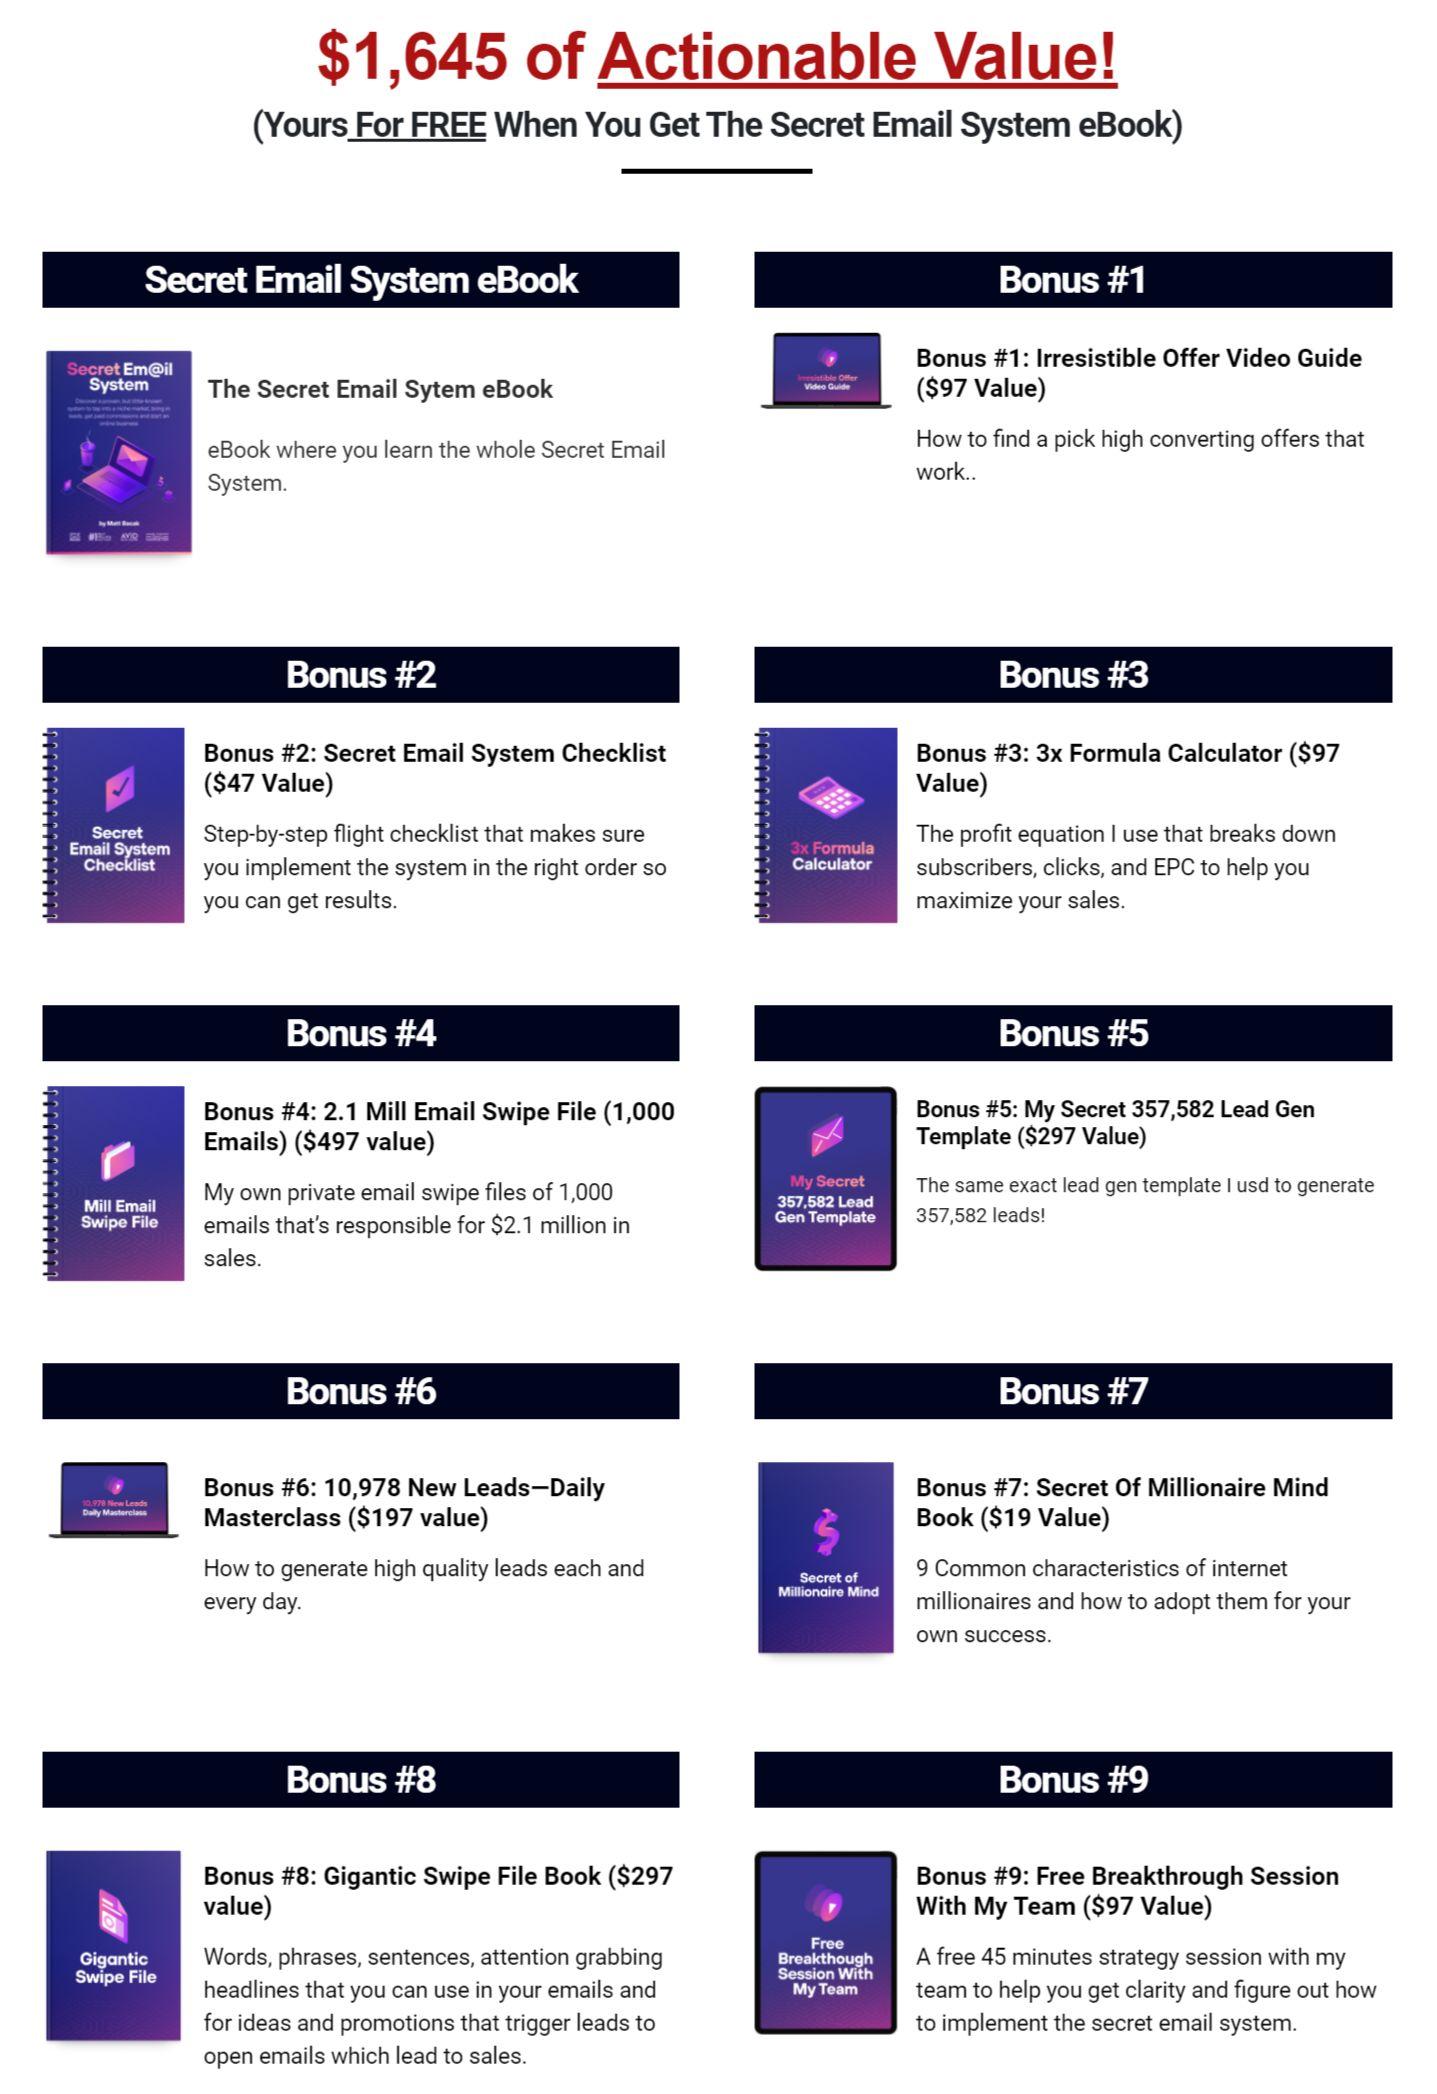 Secret Email System Review - Huge Bonuses